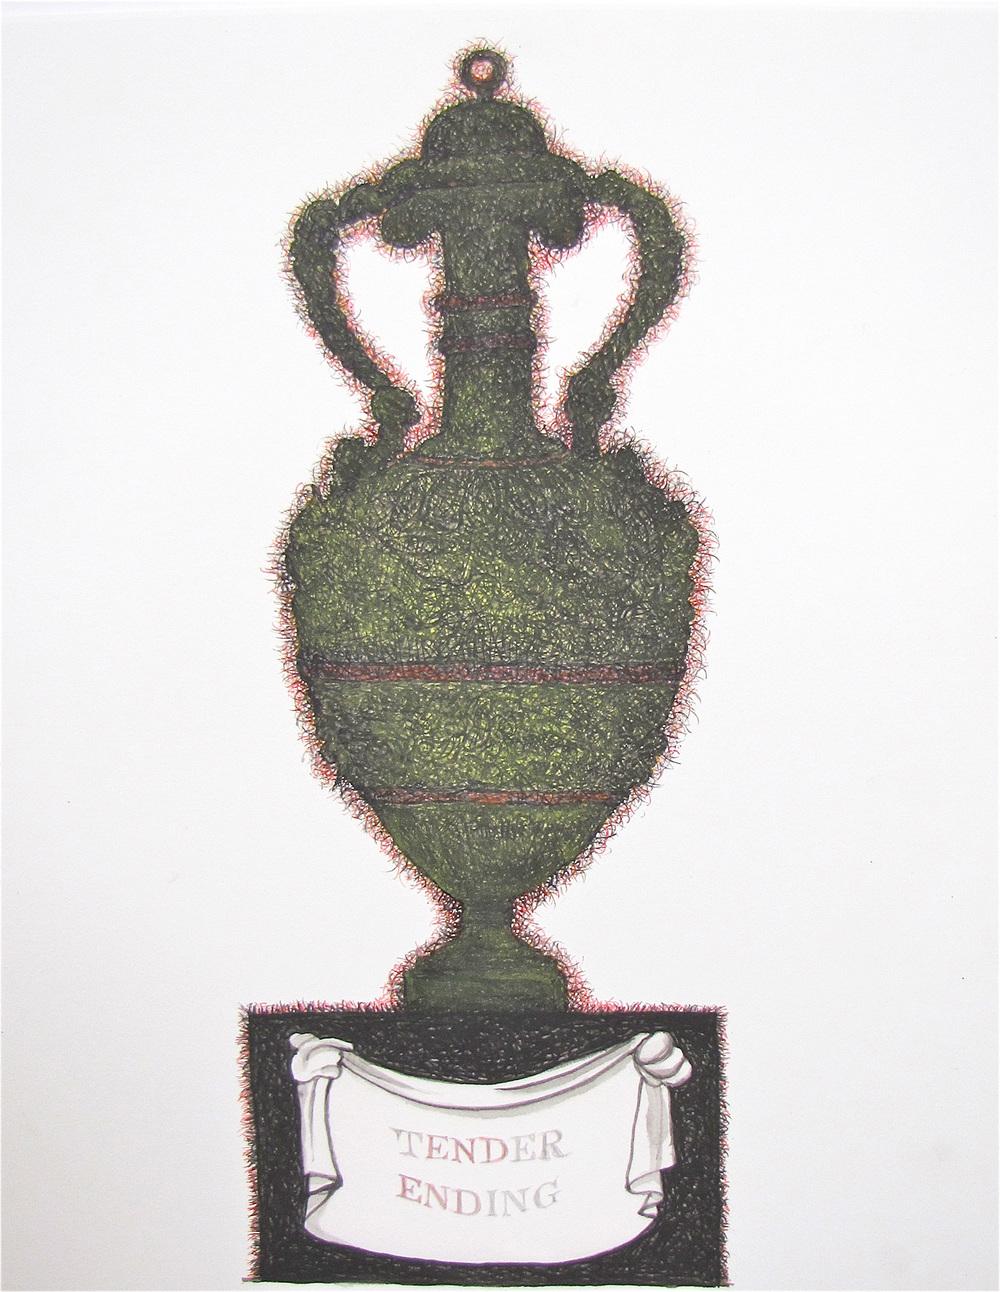 Urn (Tender ending) 2012